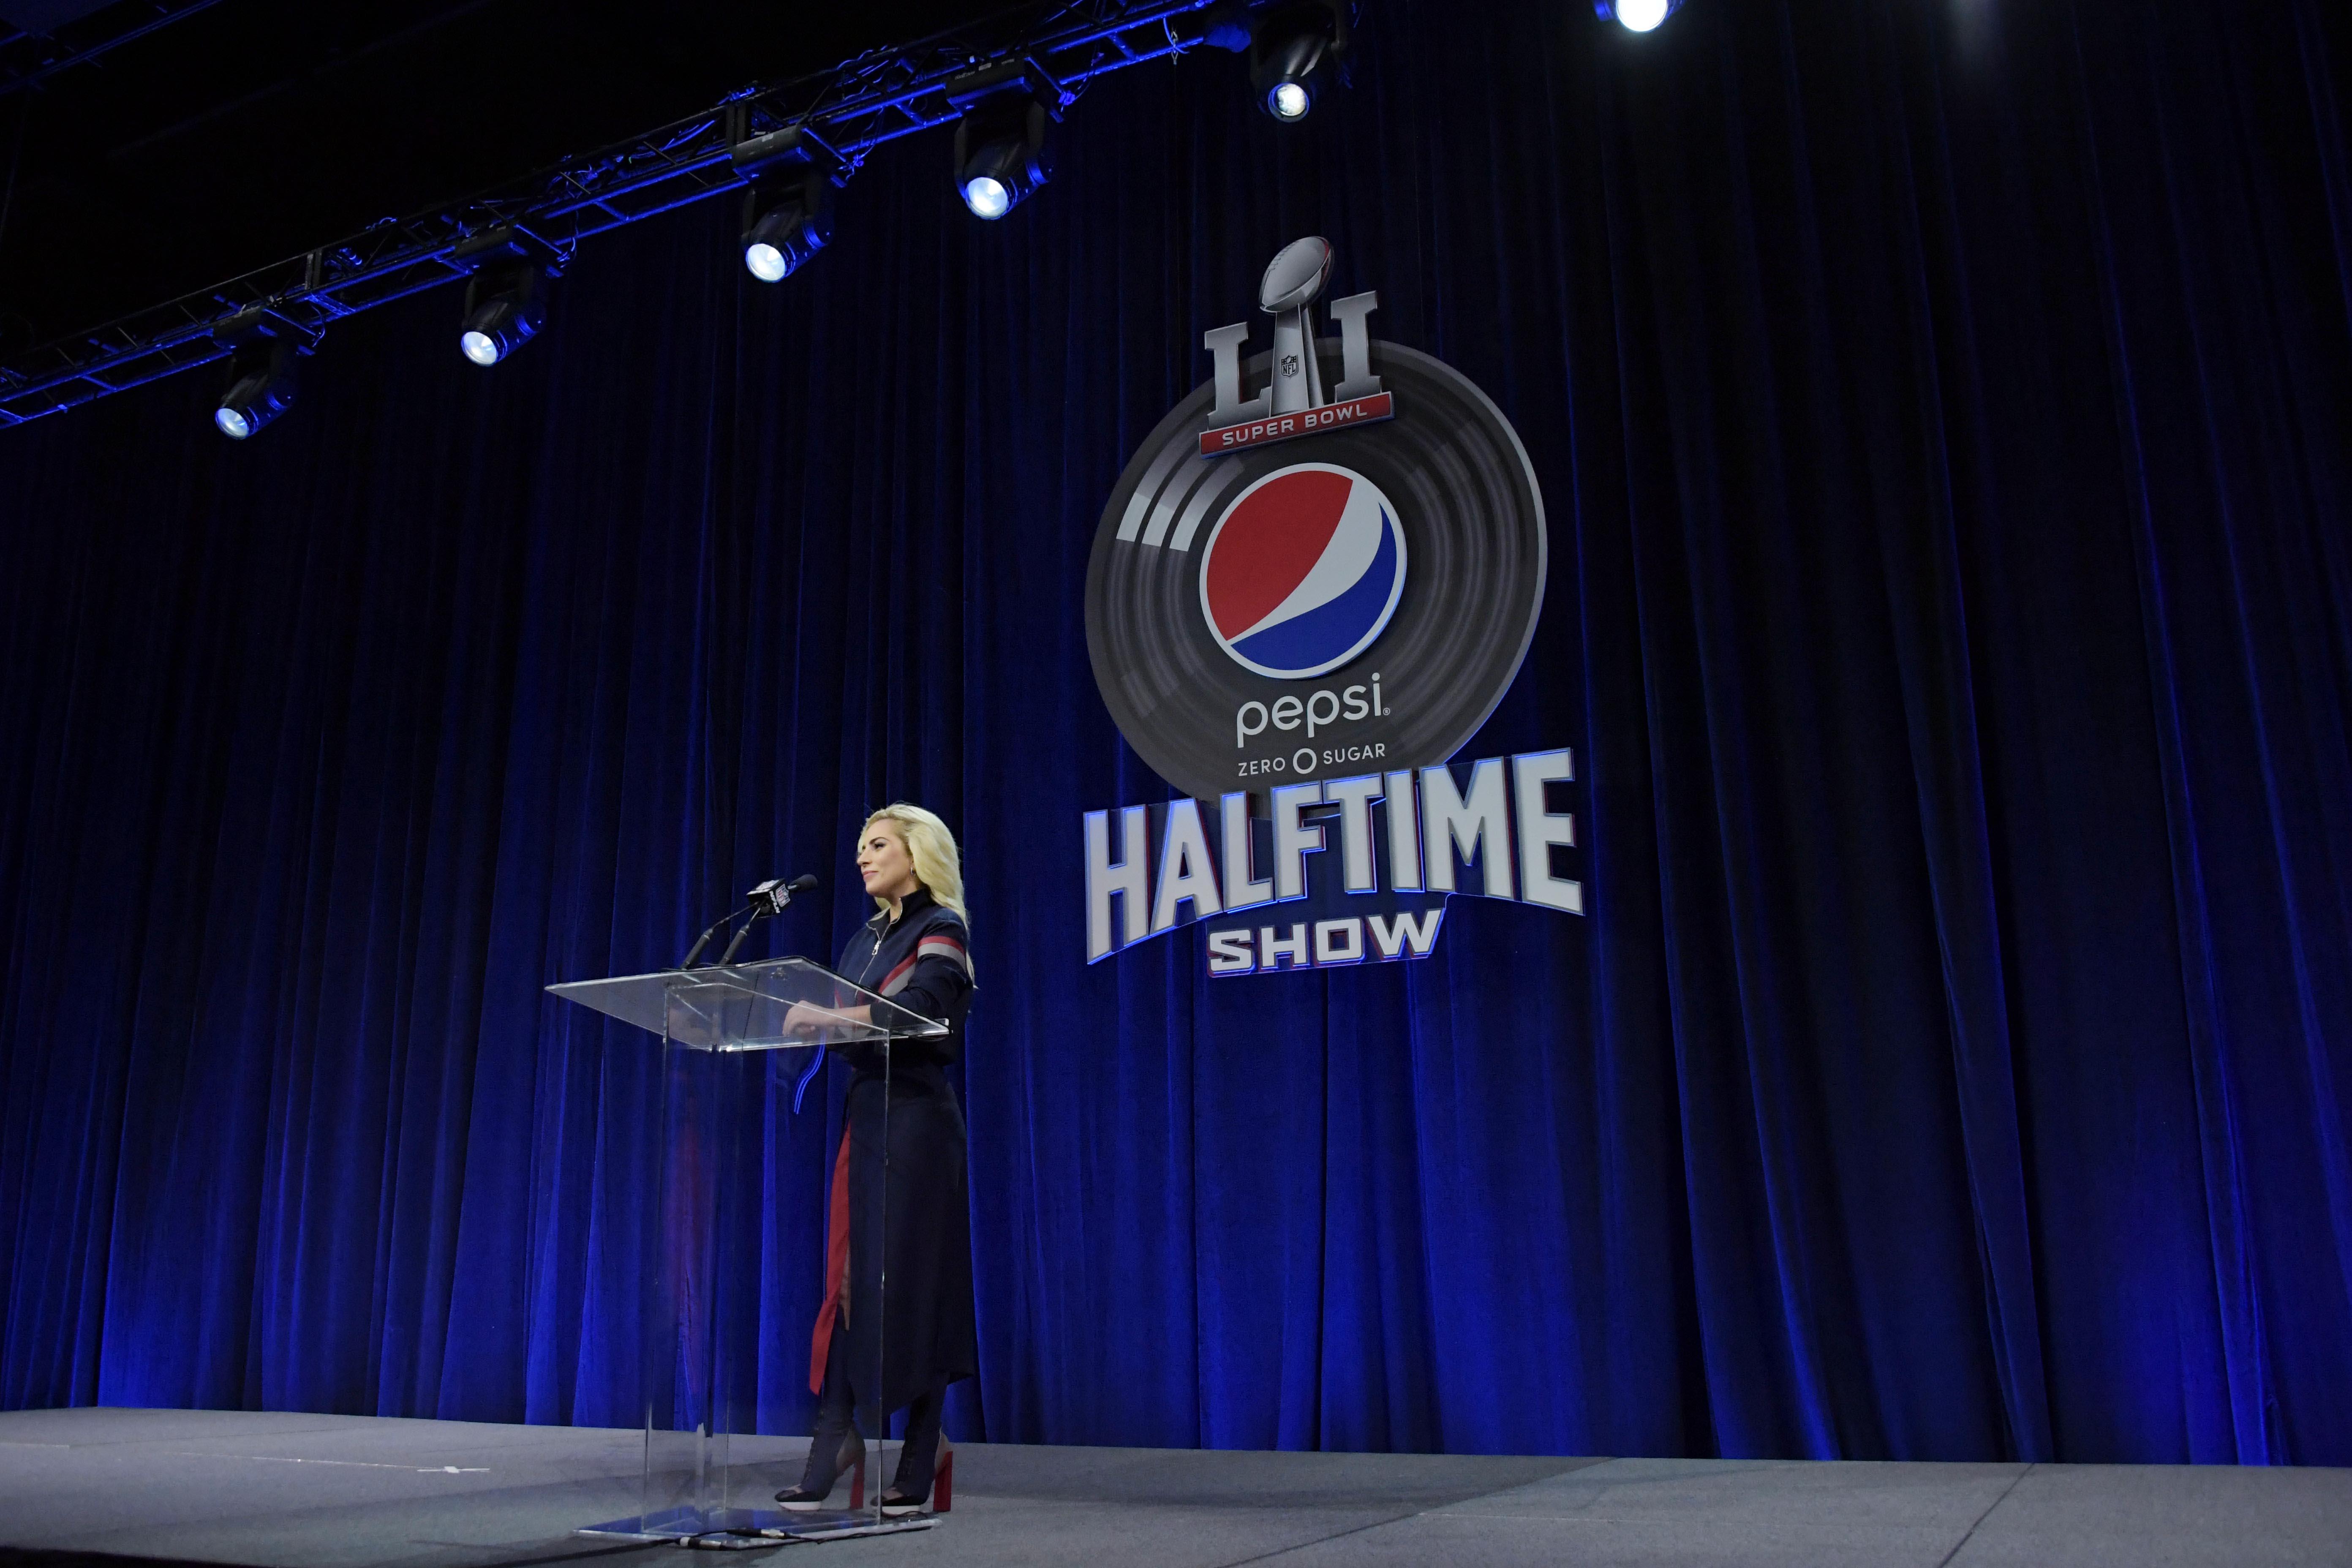 9853870-nfl-super-bowl-li-halftime-show-press-conference